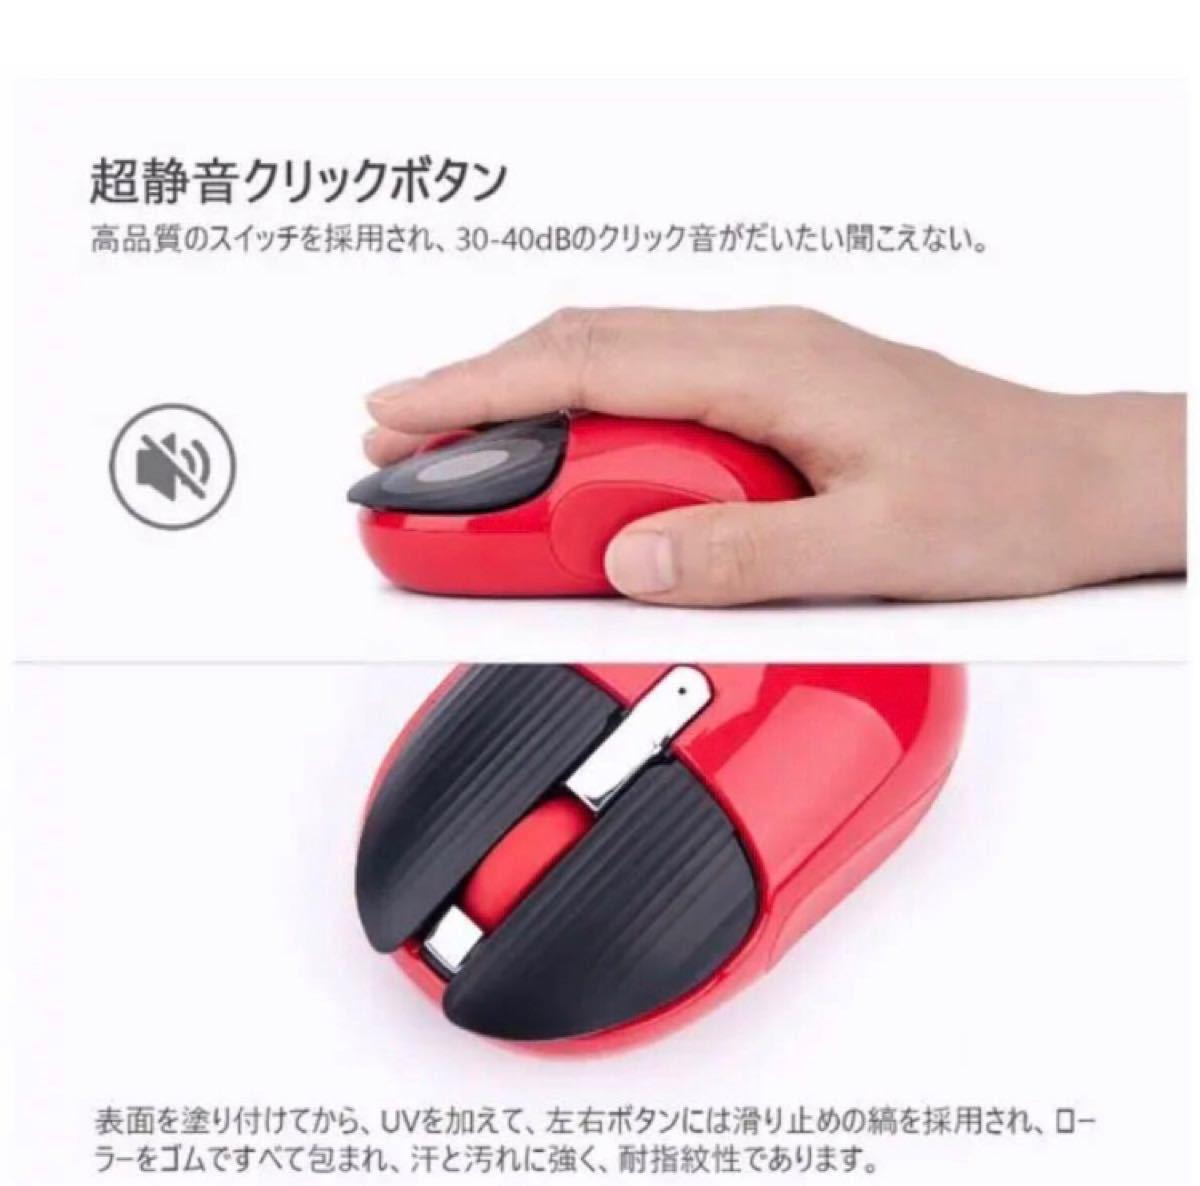 ワイヤレスマウス 充電式 長時間連続使用 無線マウス 静音 2.4GHz 光学式